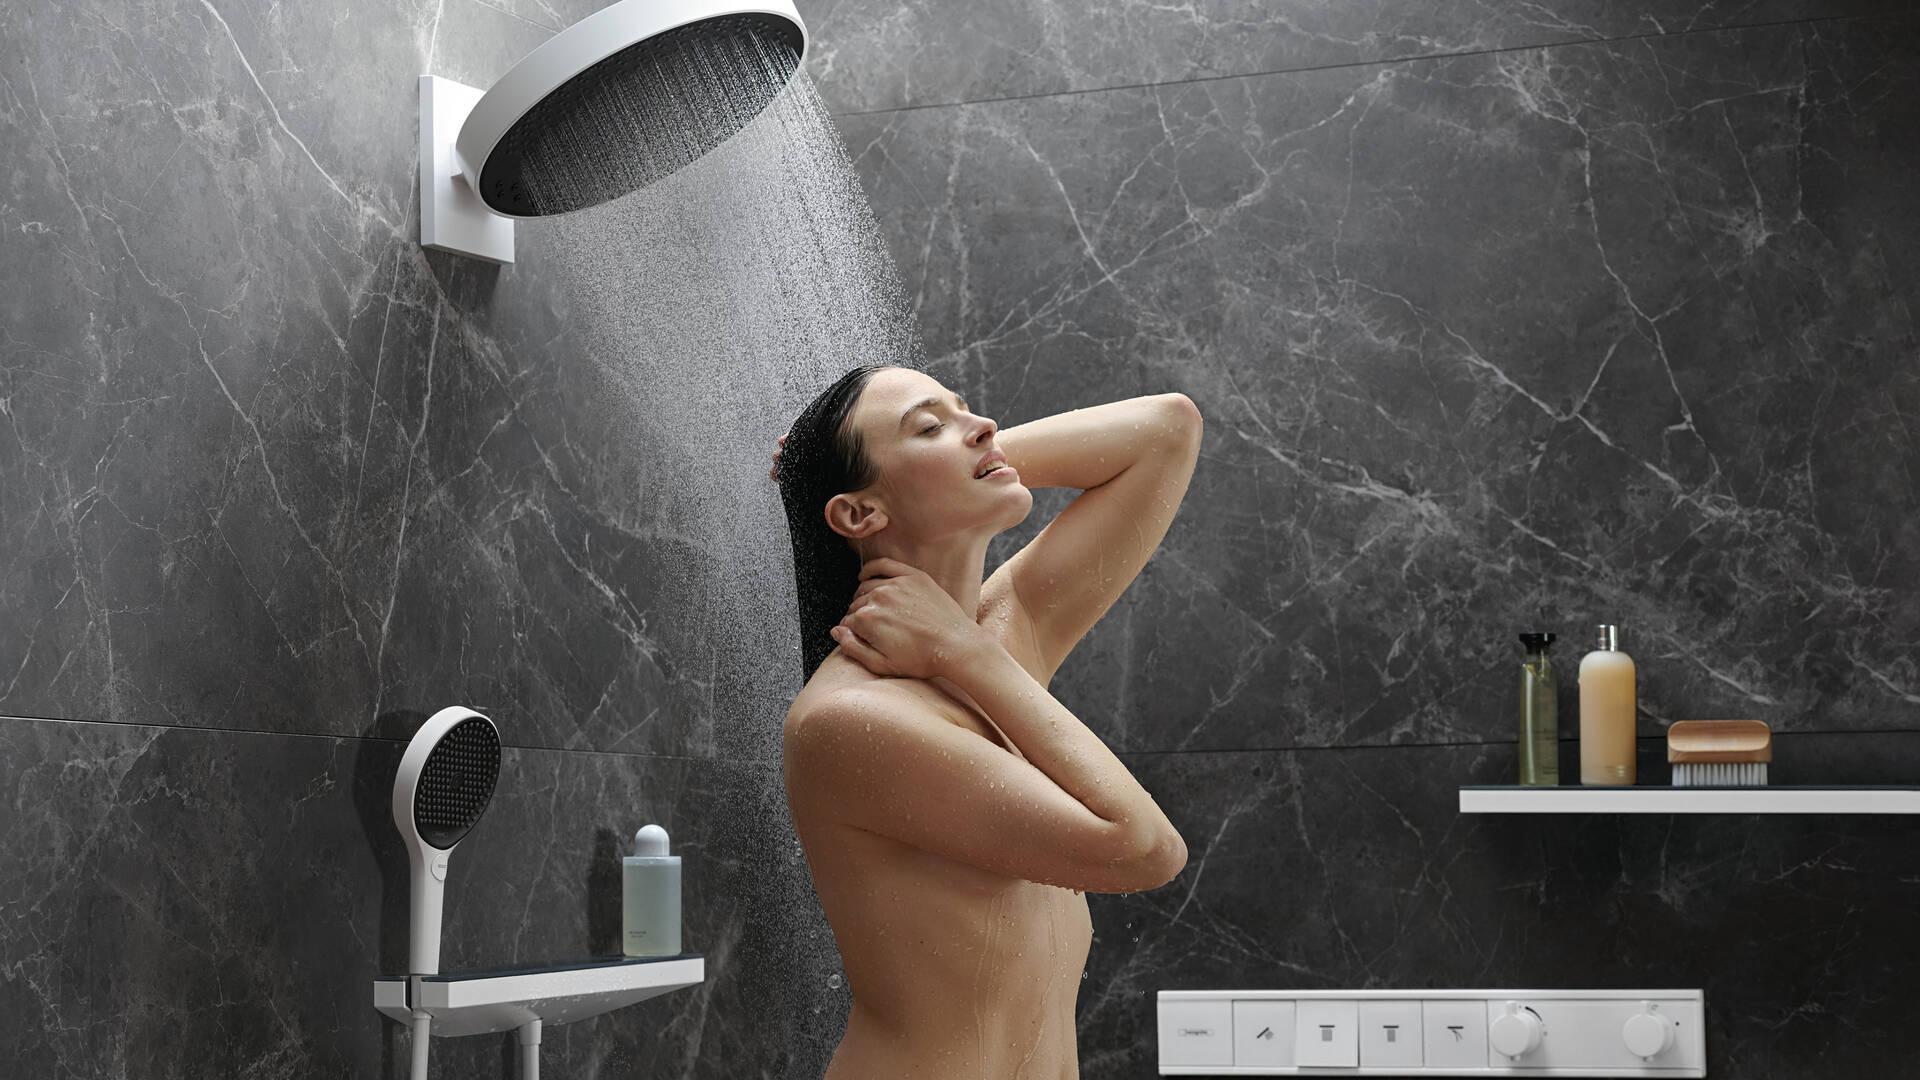 头顶花洒 XXL:利用 Rainfinity 带来巨大的淋浴快感。